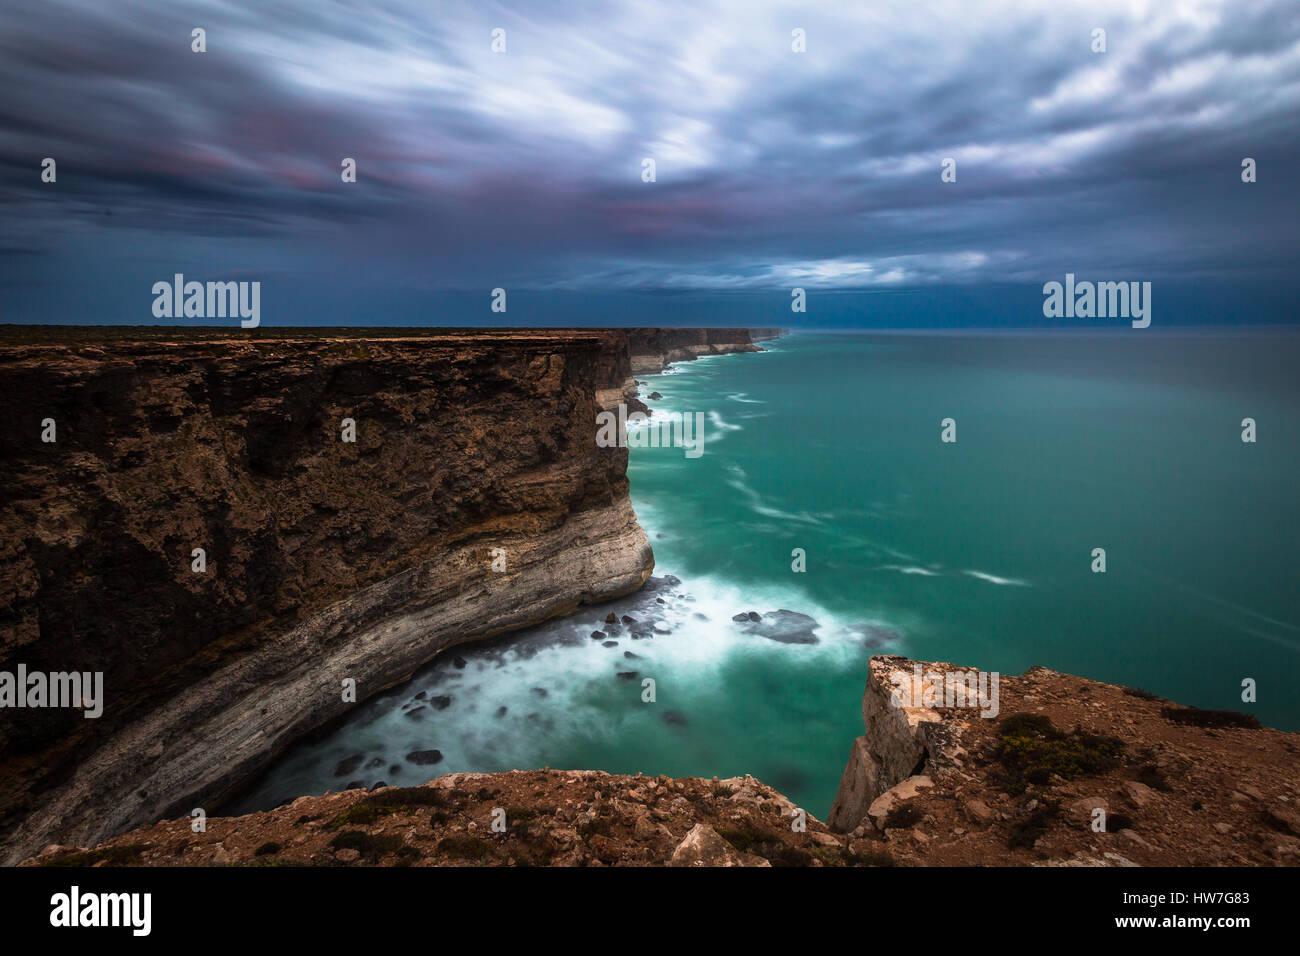 La grande ansa australiano - Bunda Cliffs - Nullarbor pianure, Sud Australia Immagini Stock